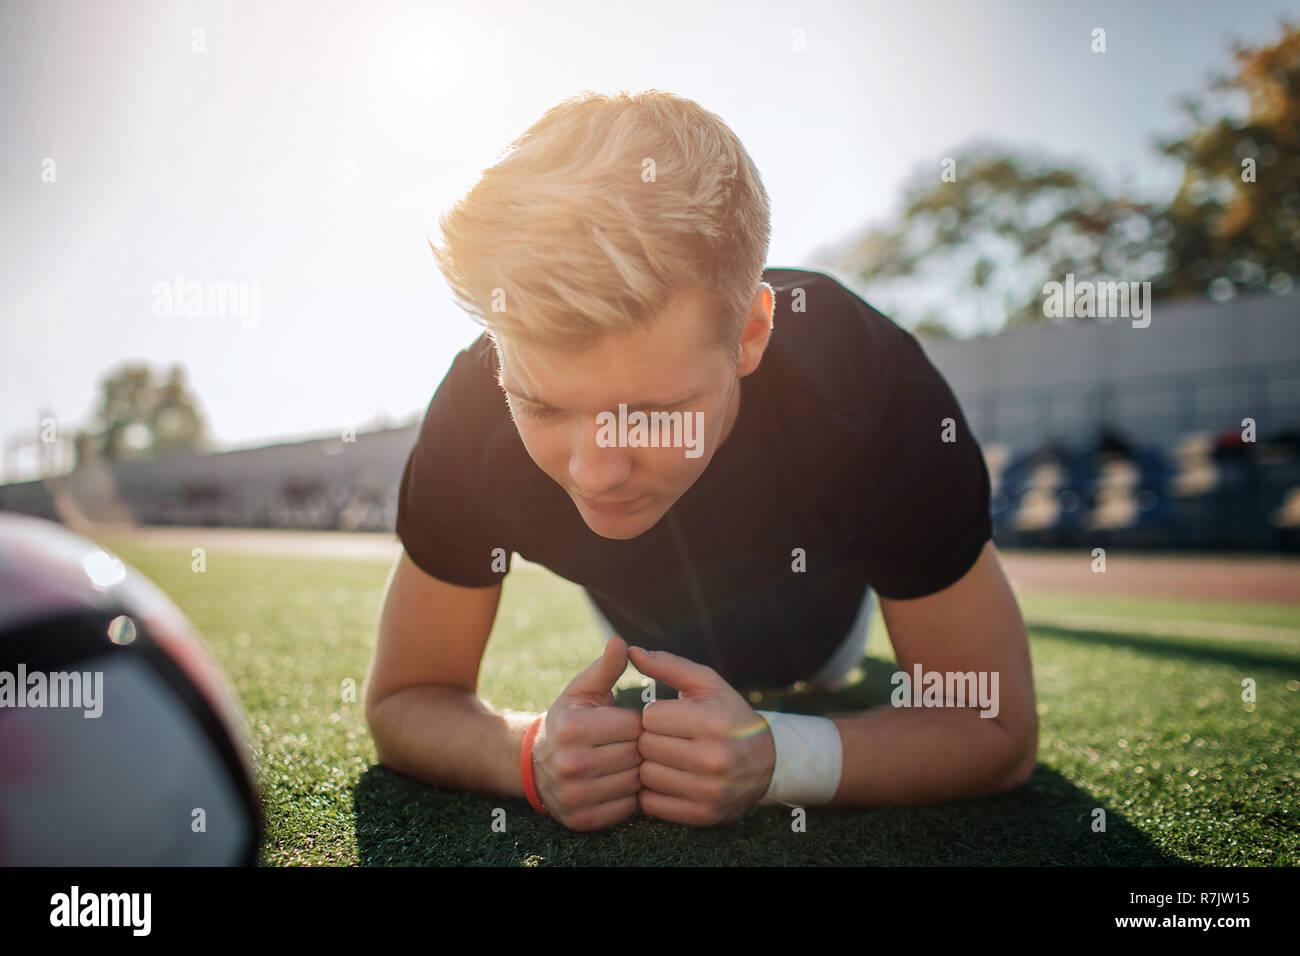 Joven rubia jugador de pie en posición de plancha sobre fútbol césped. Él está concentrada. Bola tumbado junto a él. Guy está solo. Foto de stock